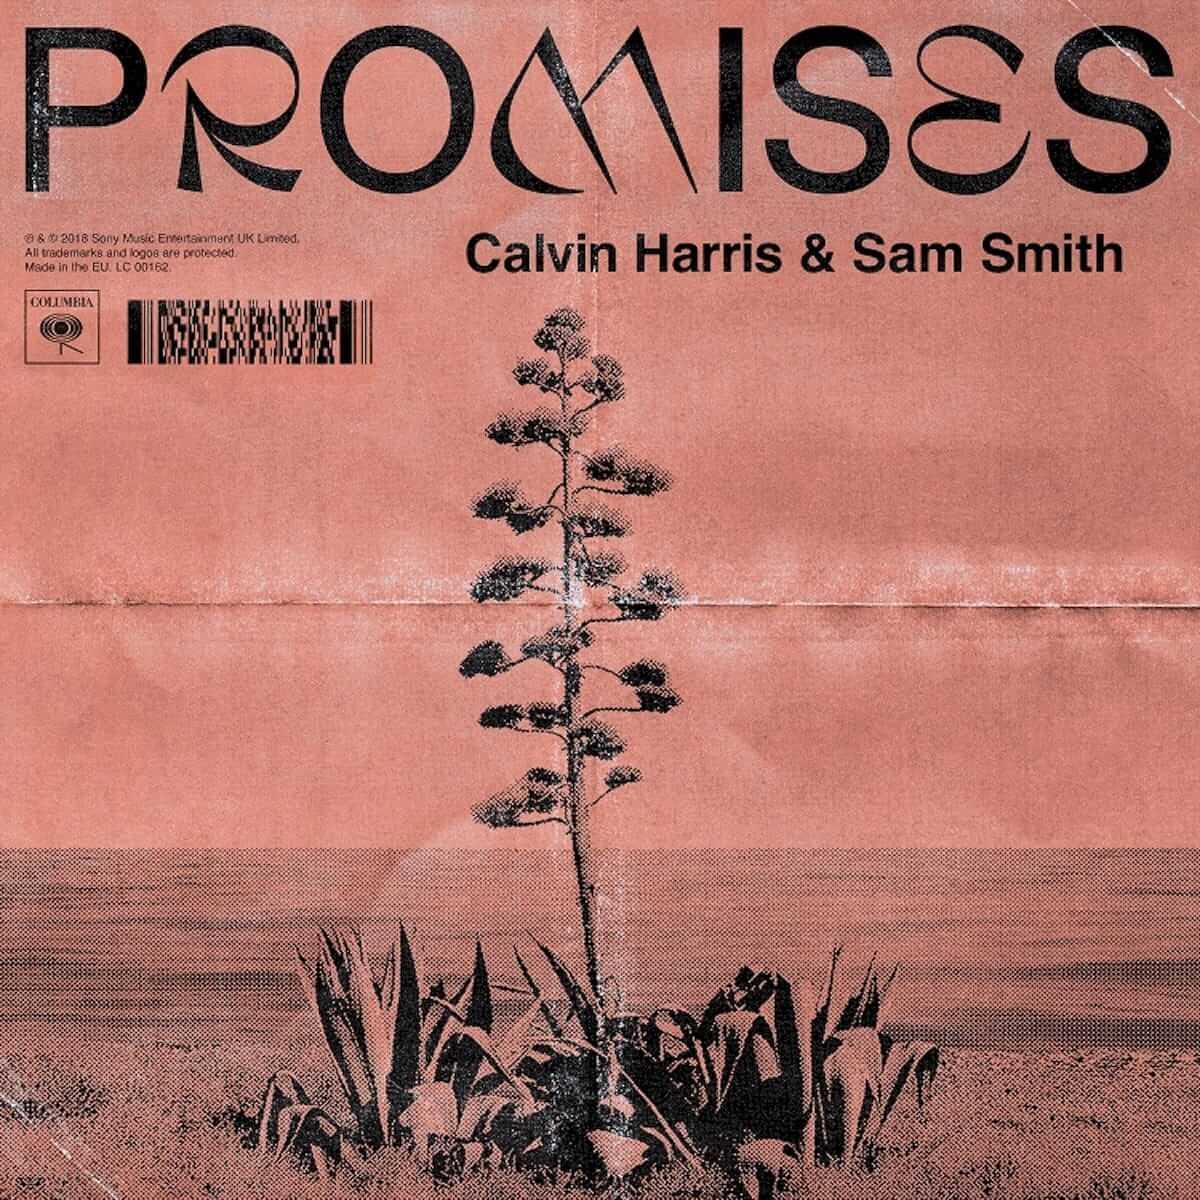 カルヴィン・ハリス、サム・スミスとの新曲「プロミセズ」をリリース! music180819_calvinharris_1-1200x1200